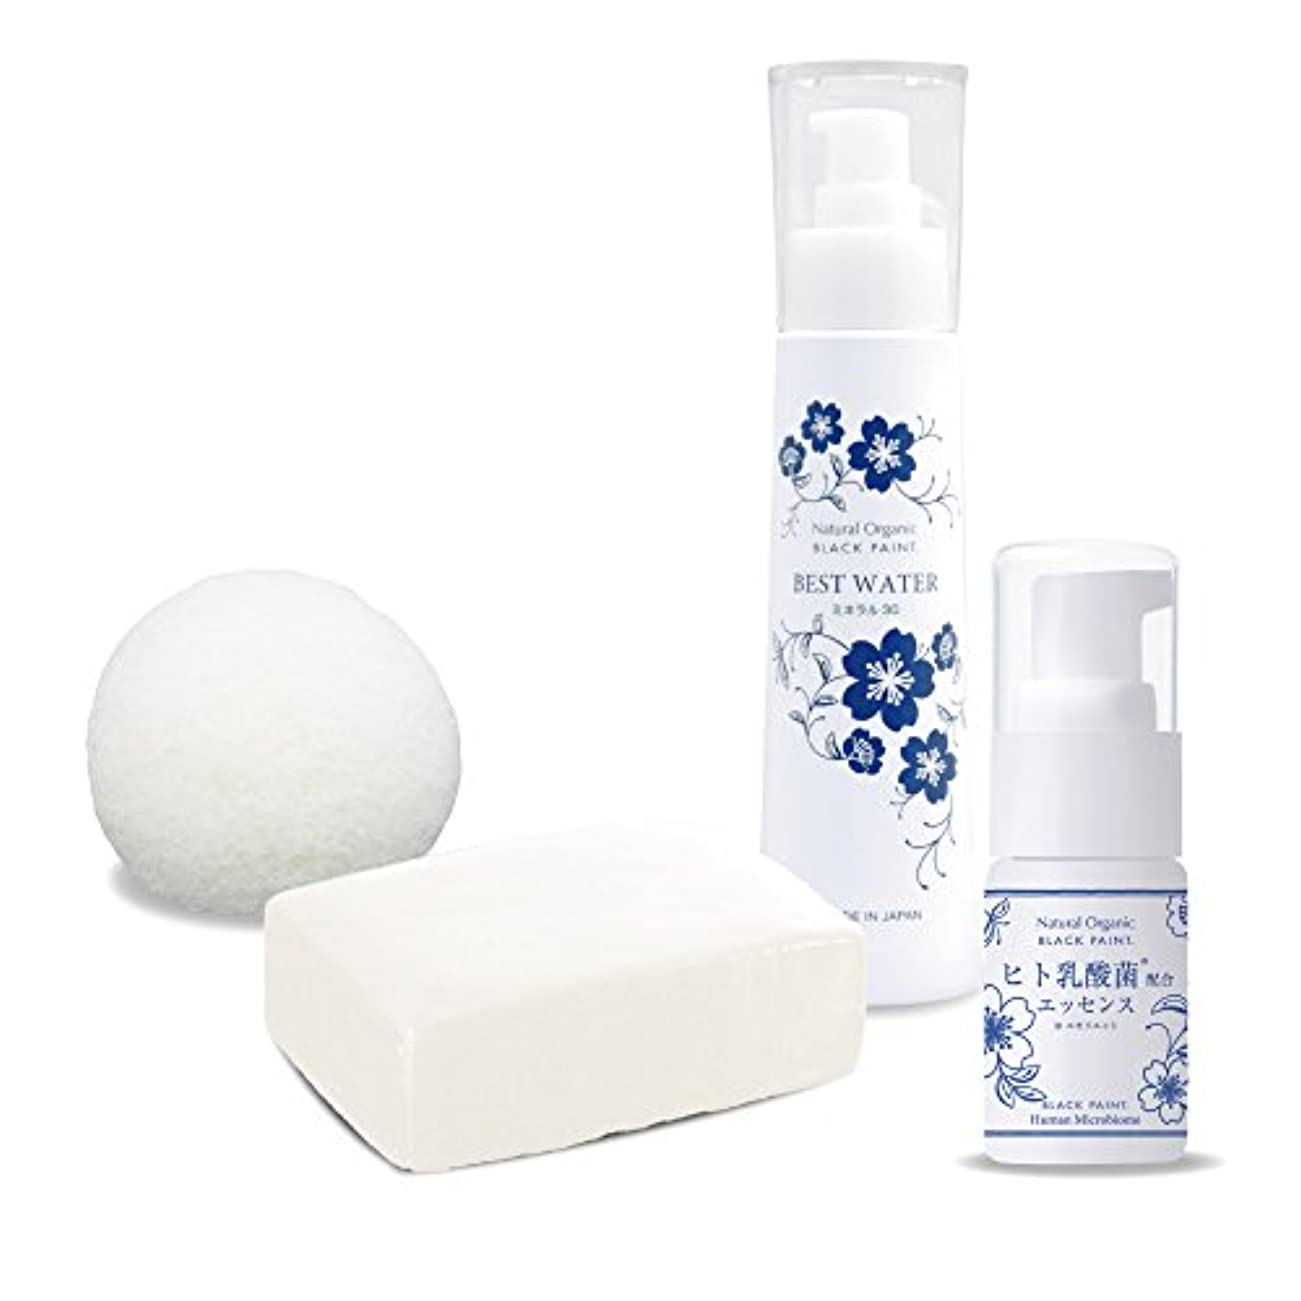 シエスタ奨励します爆発ヒト乳酸菌エッセンス10ml&ホワイトペイント60g&ホワイトスポンジミニ&ベストウォーター100ml 洗顔セット